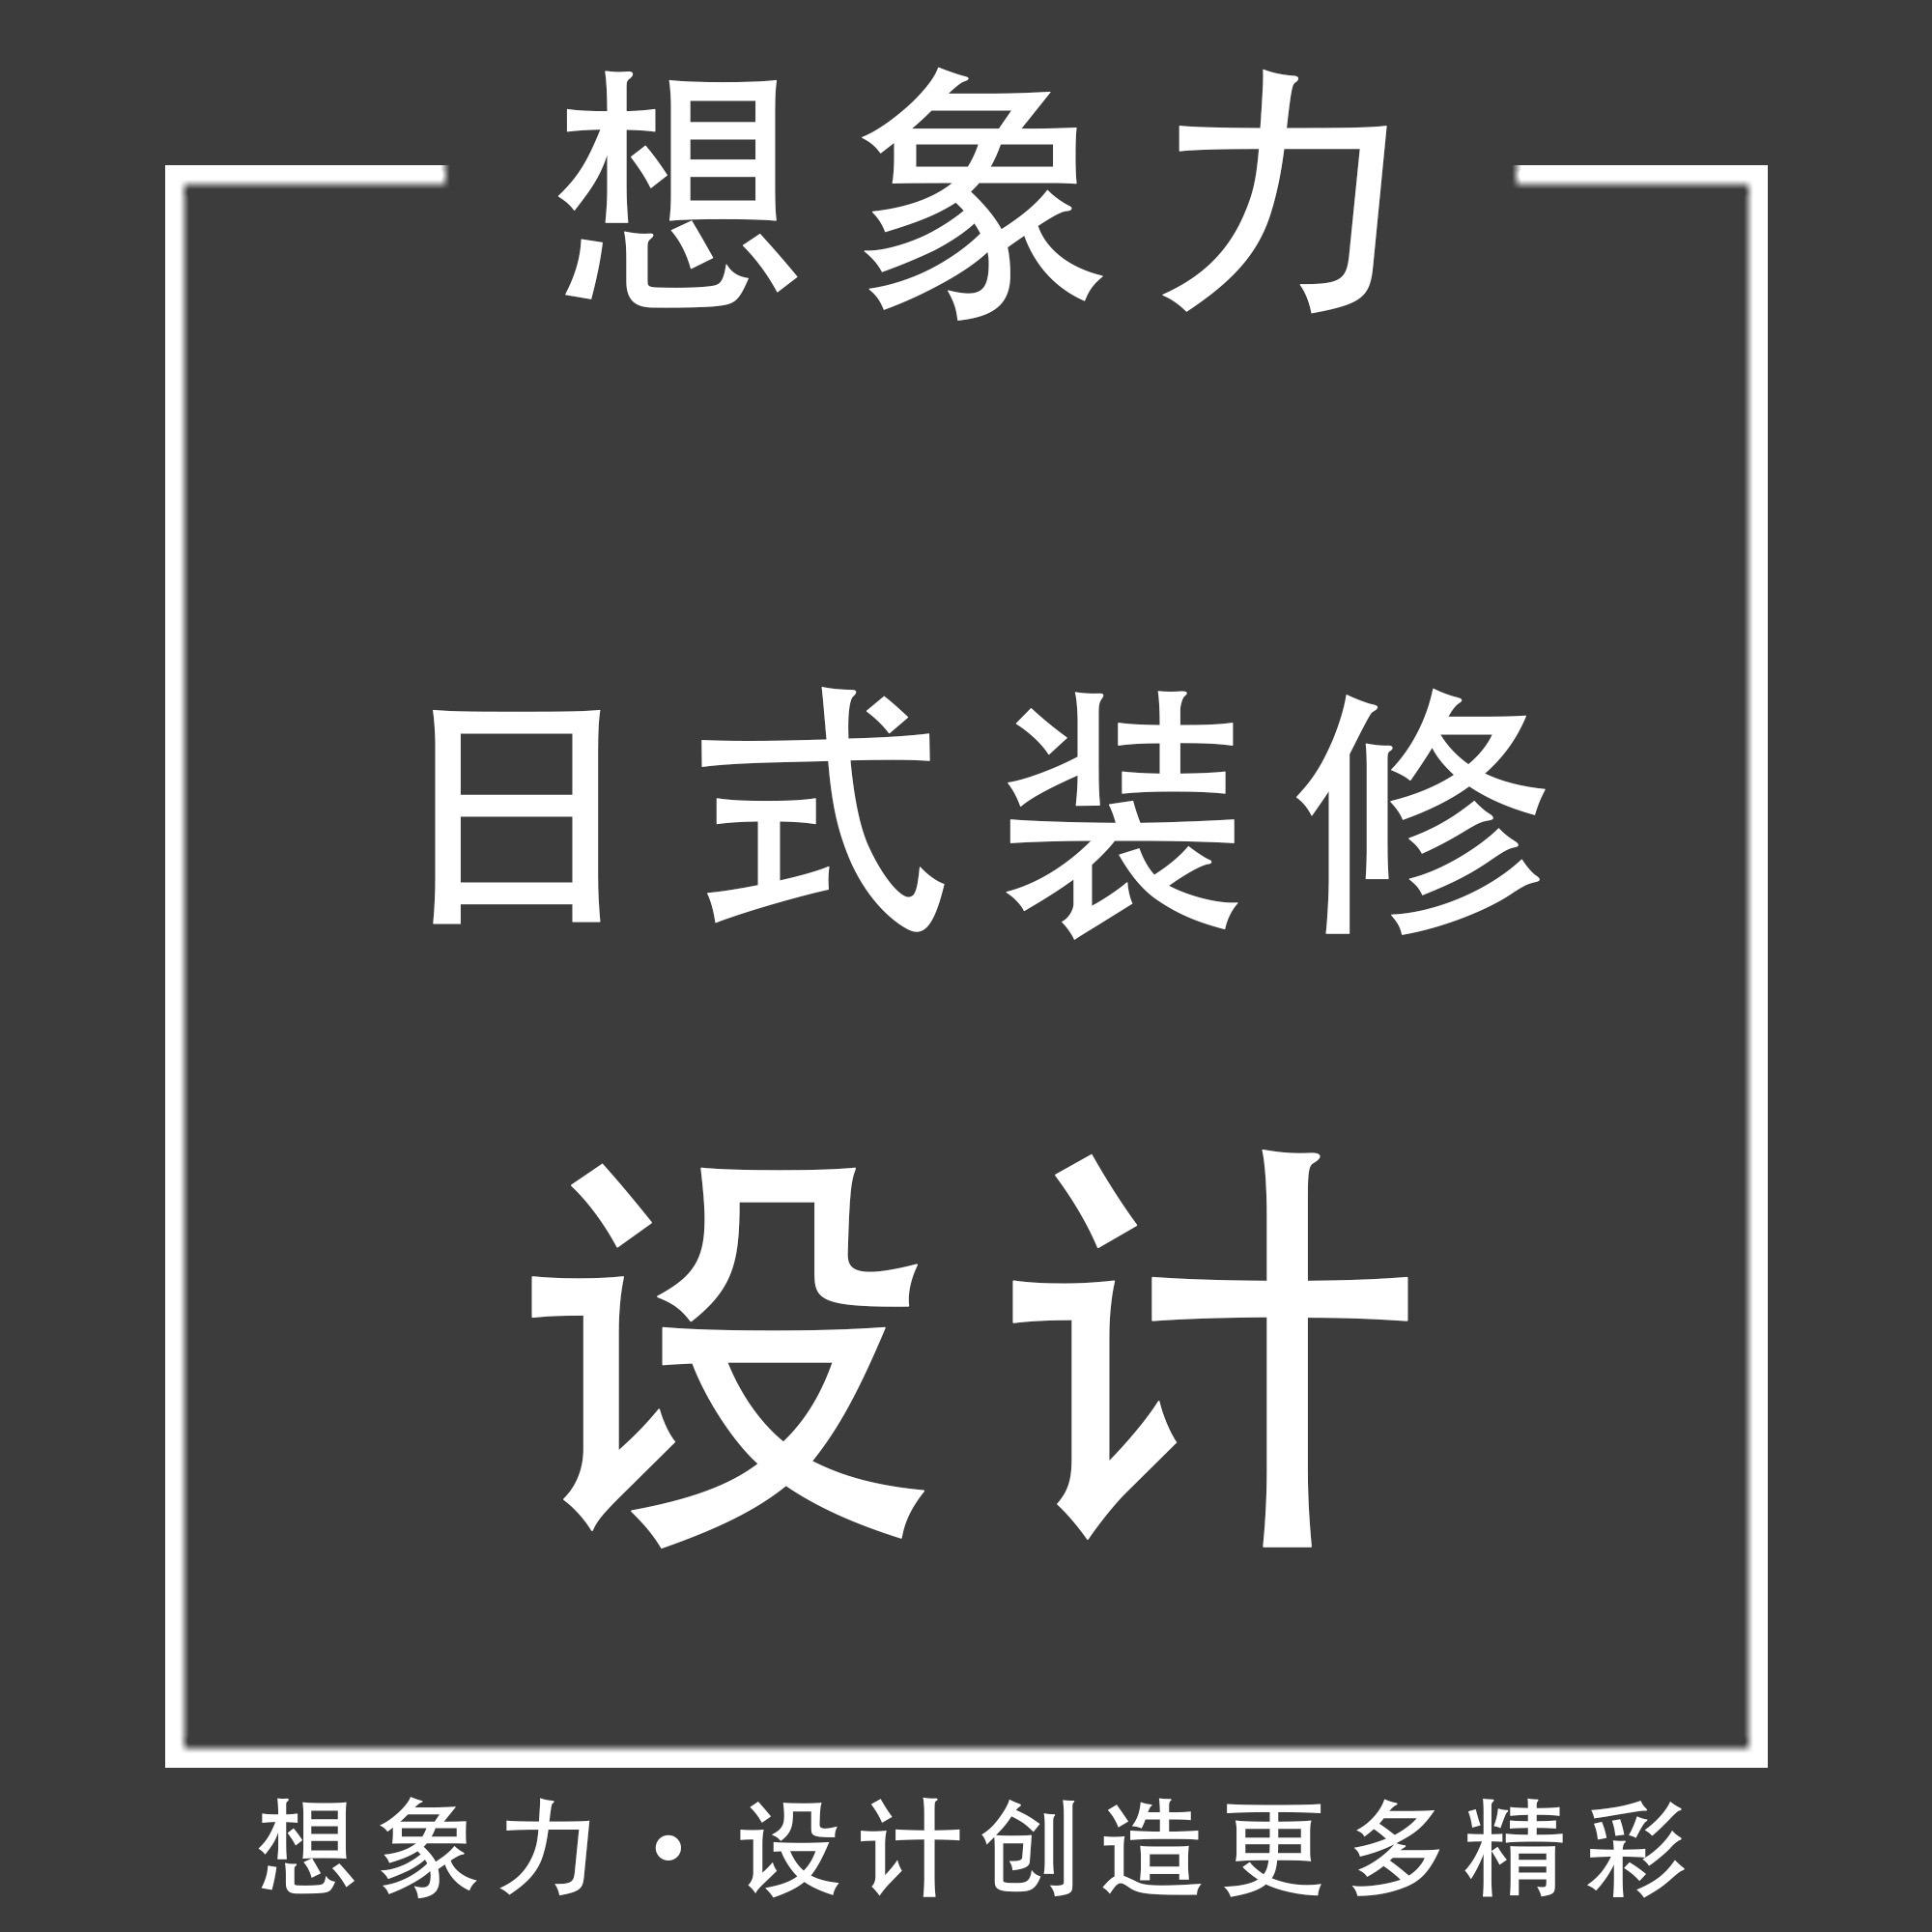 日式风格装修设计/家装家居设计/全案设计/效果图制作